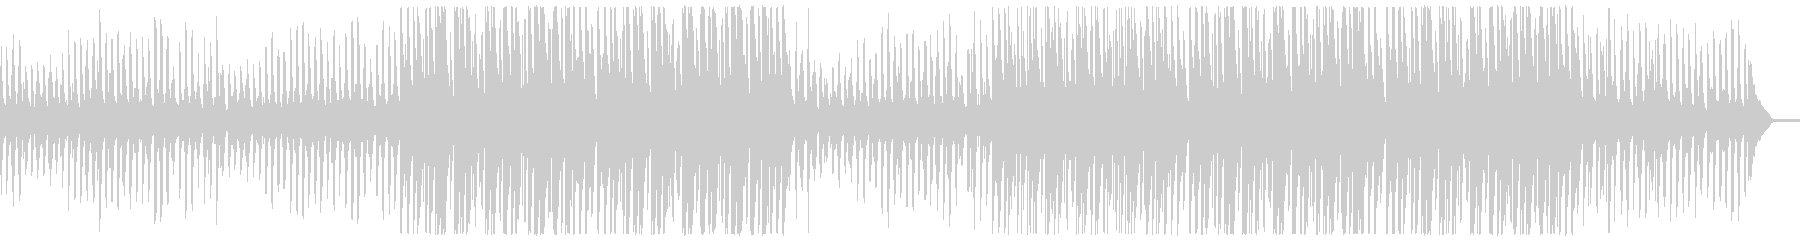 【リズム・ベース抜き】軽快なアンサンブルの未再生の波形